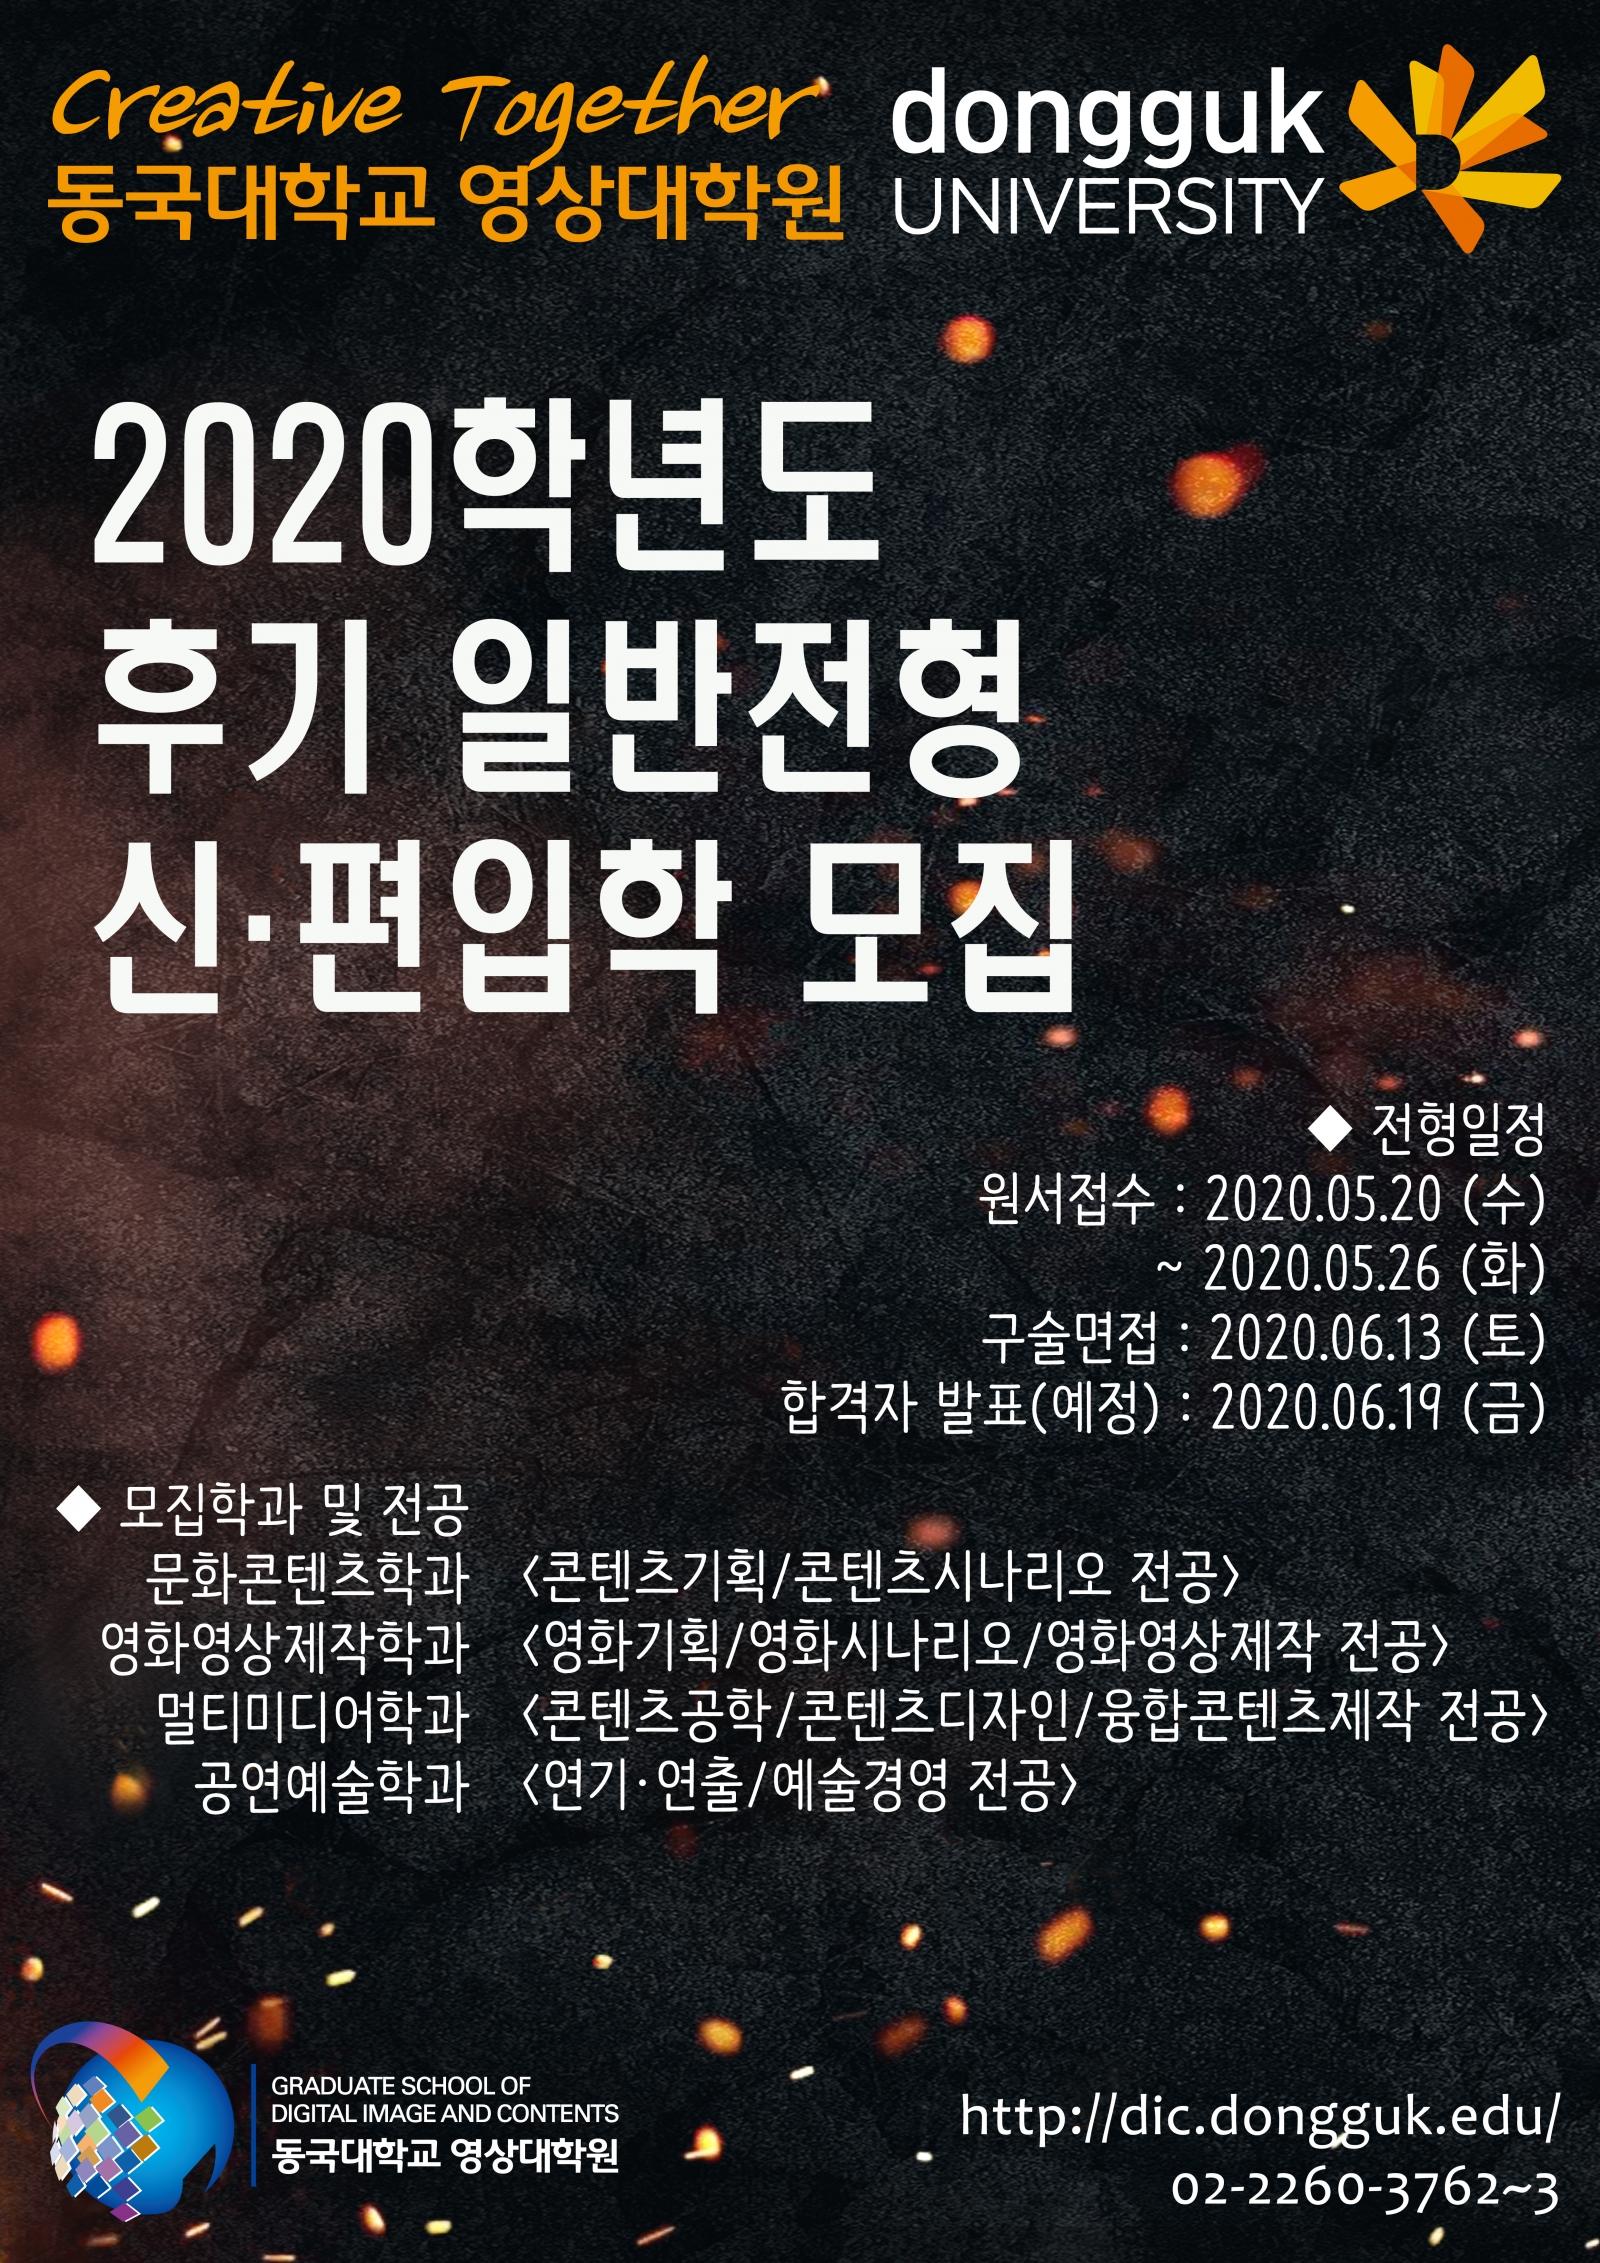 포스터(2020-후기-일반)